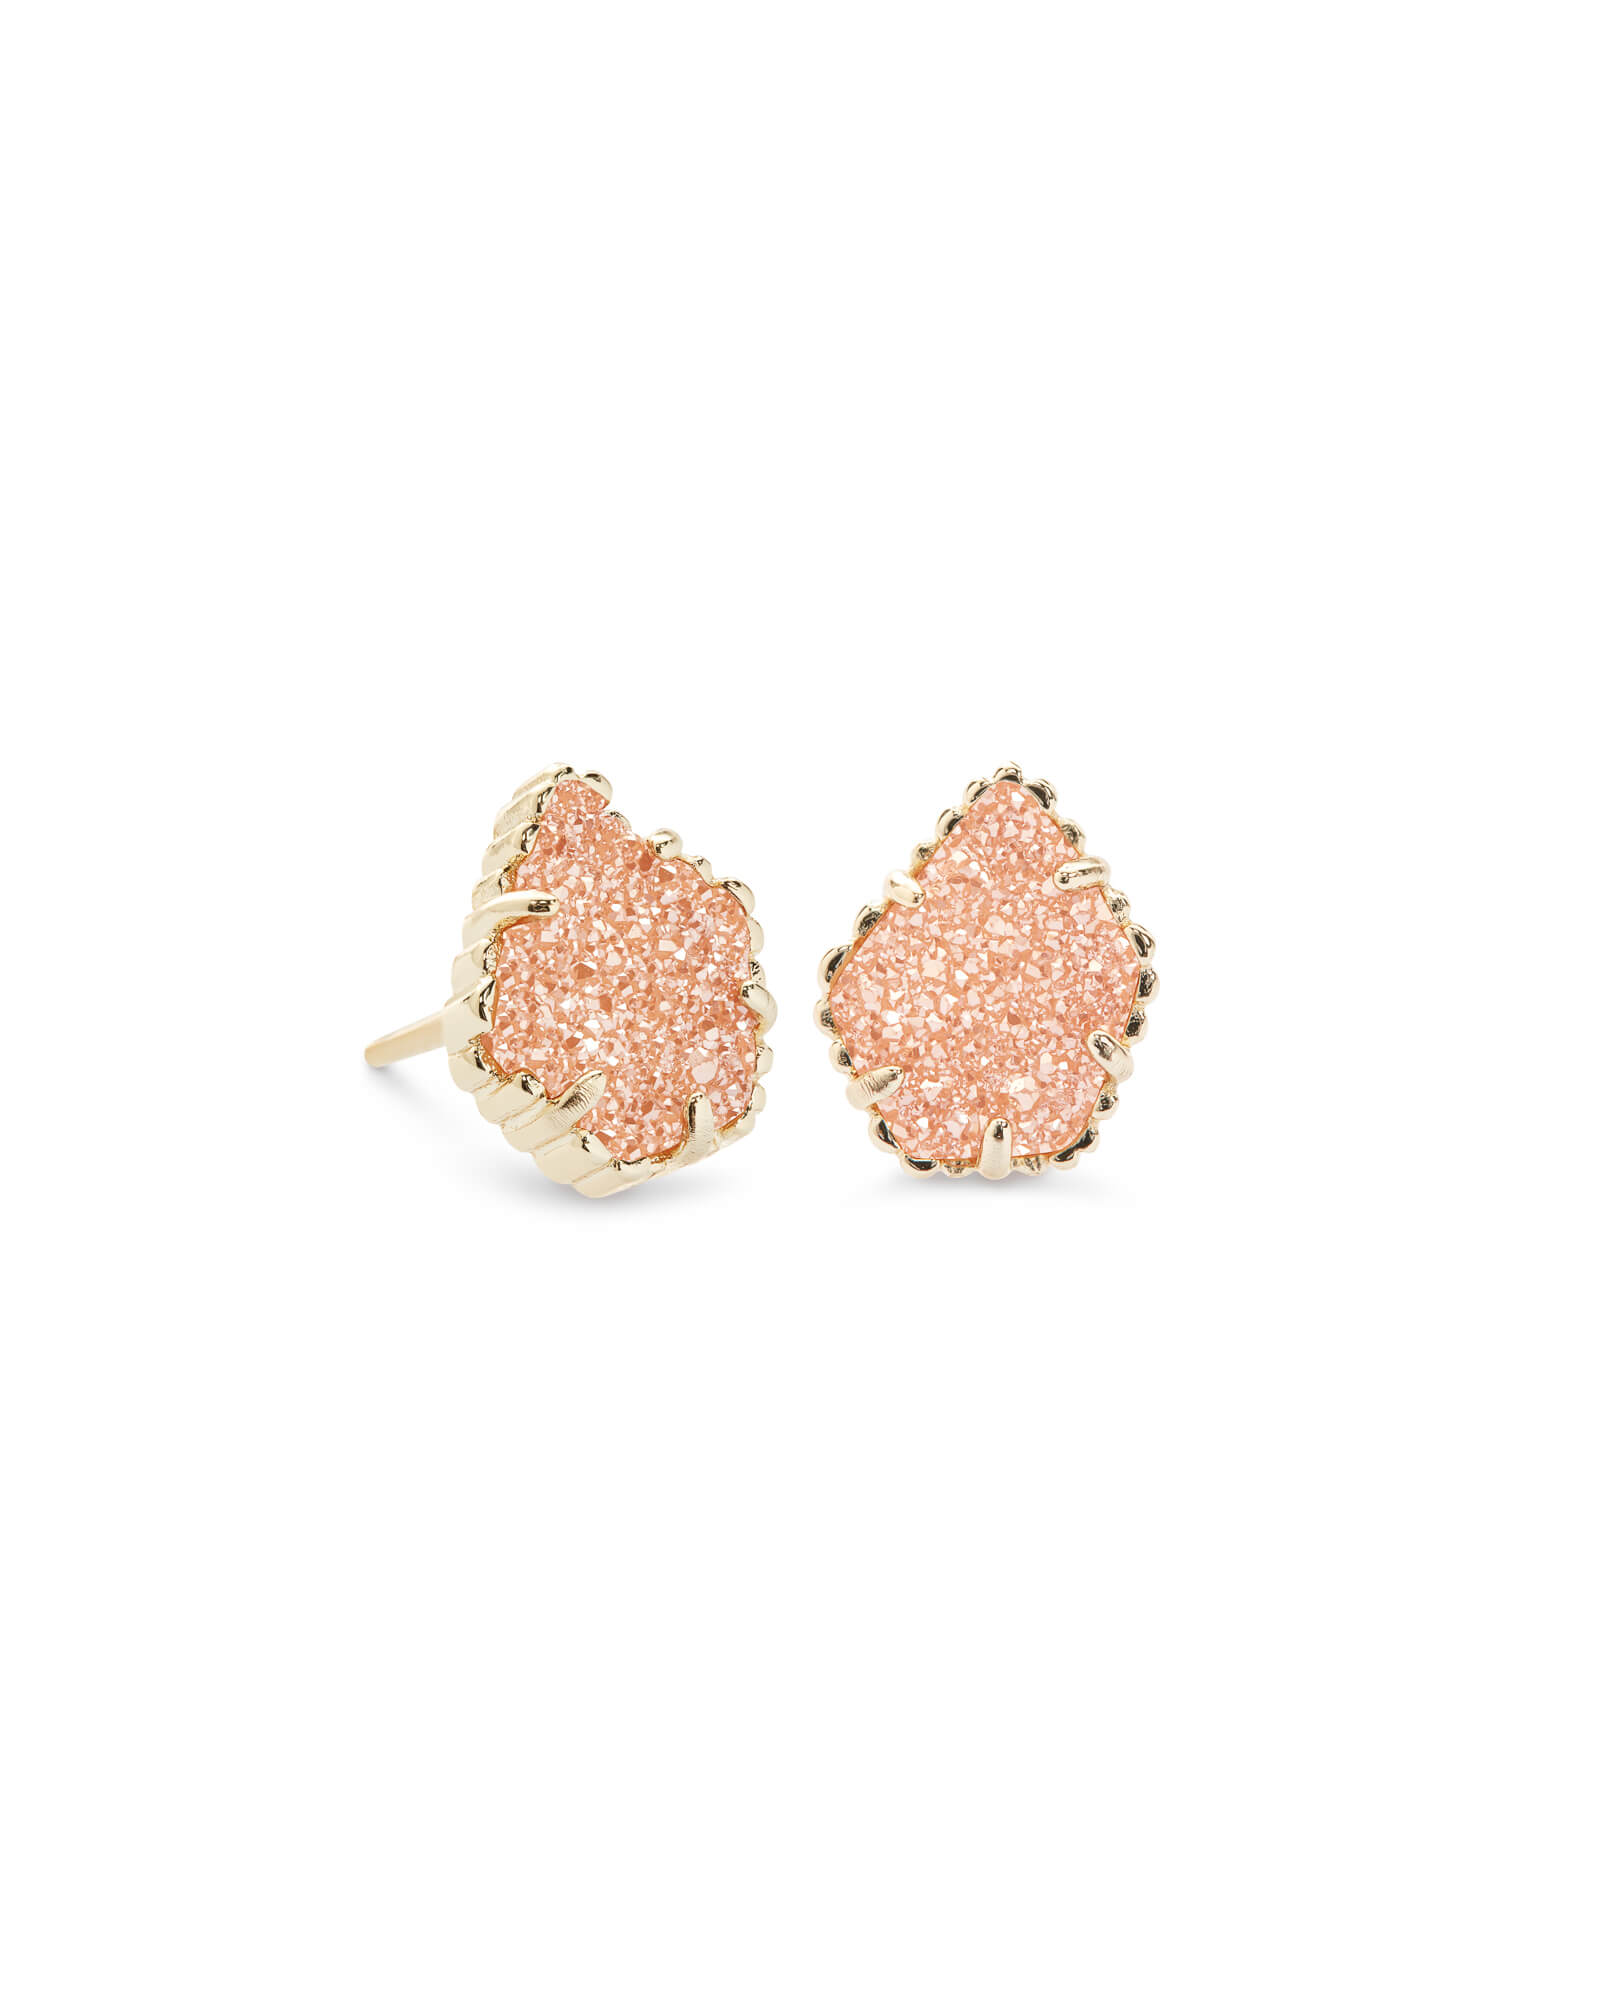 Tessa Gold Stud Earrings In Sand Drusy